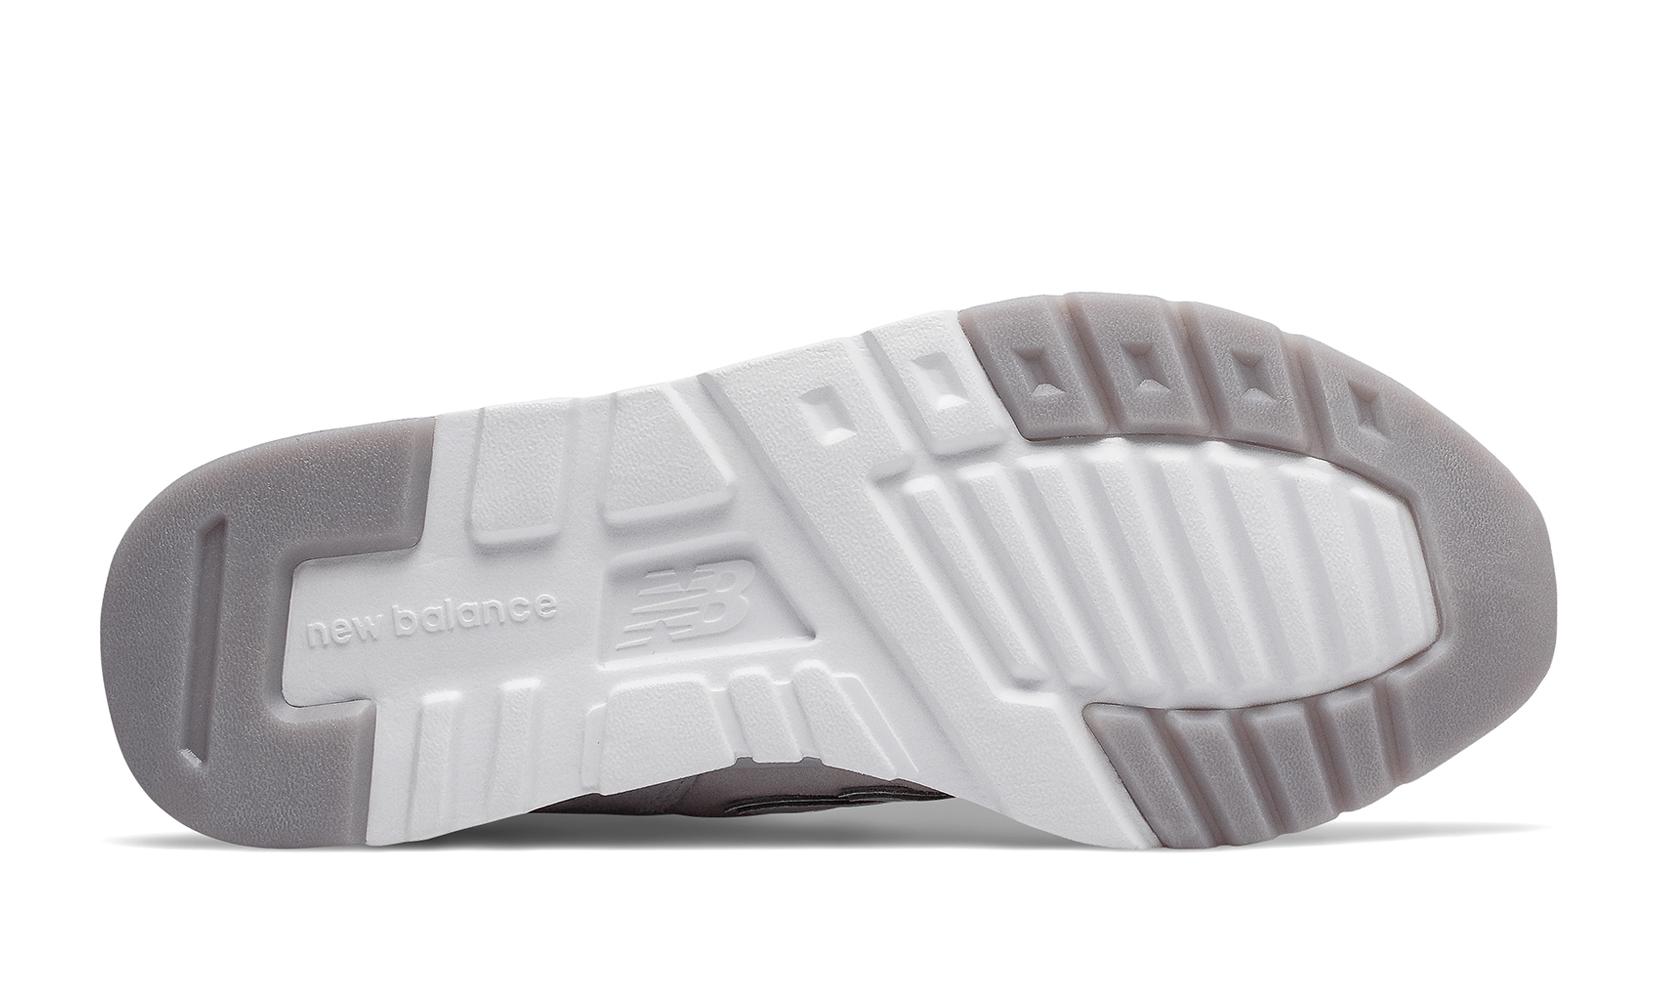 Жіноче взуття повсякденне New Balance 997Н CW997HJC | New Balance